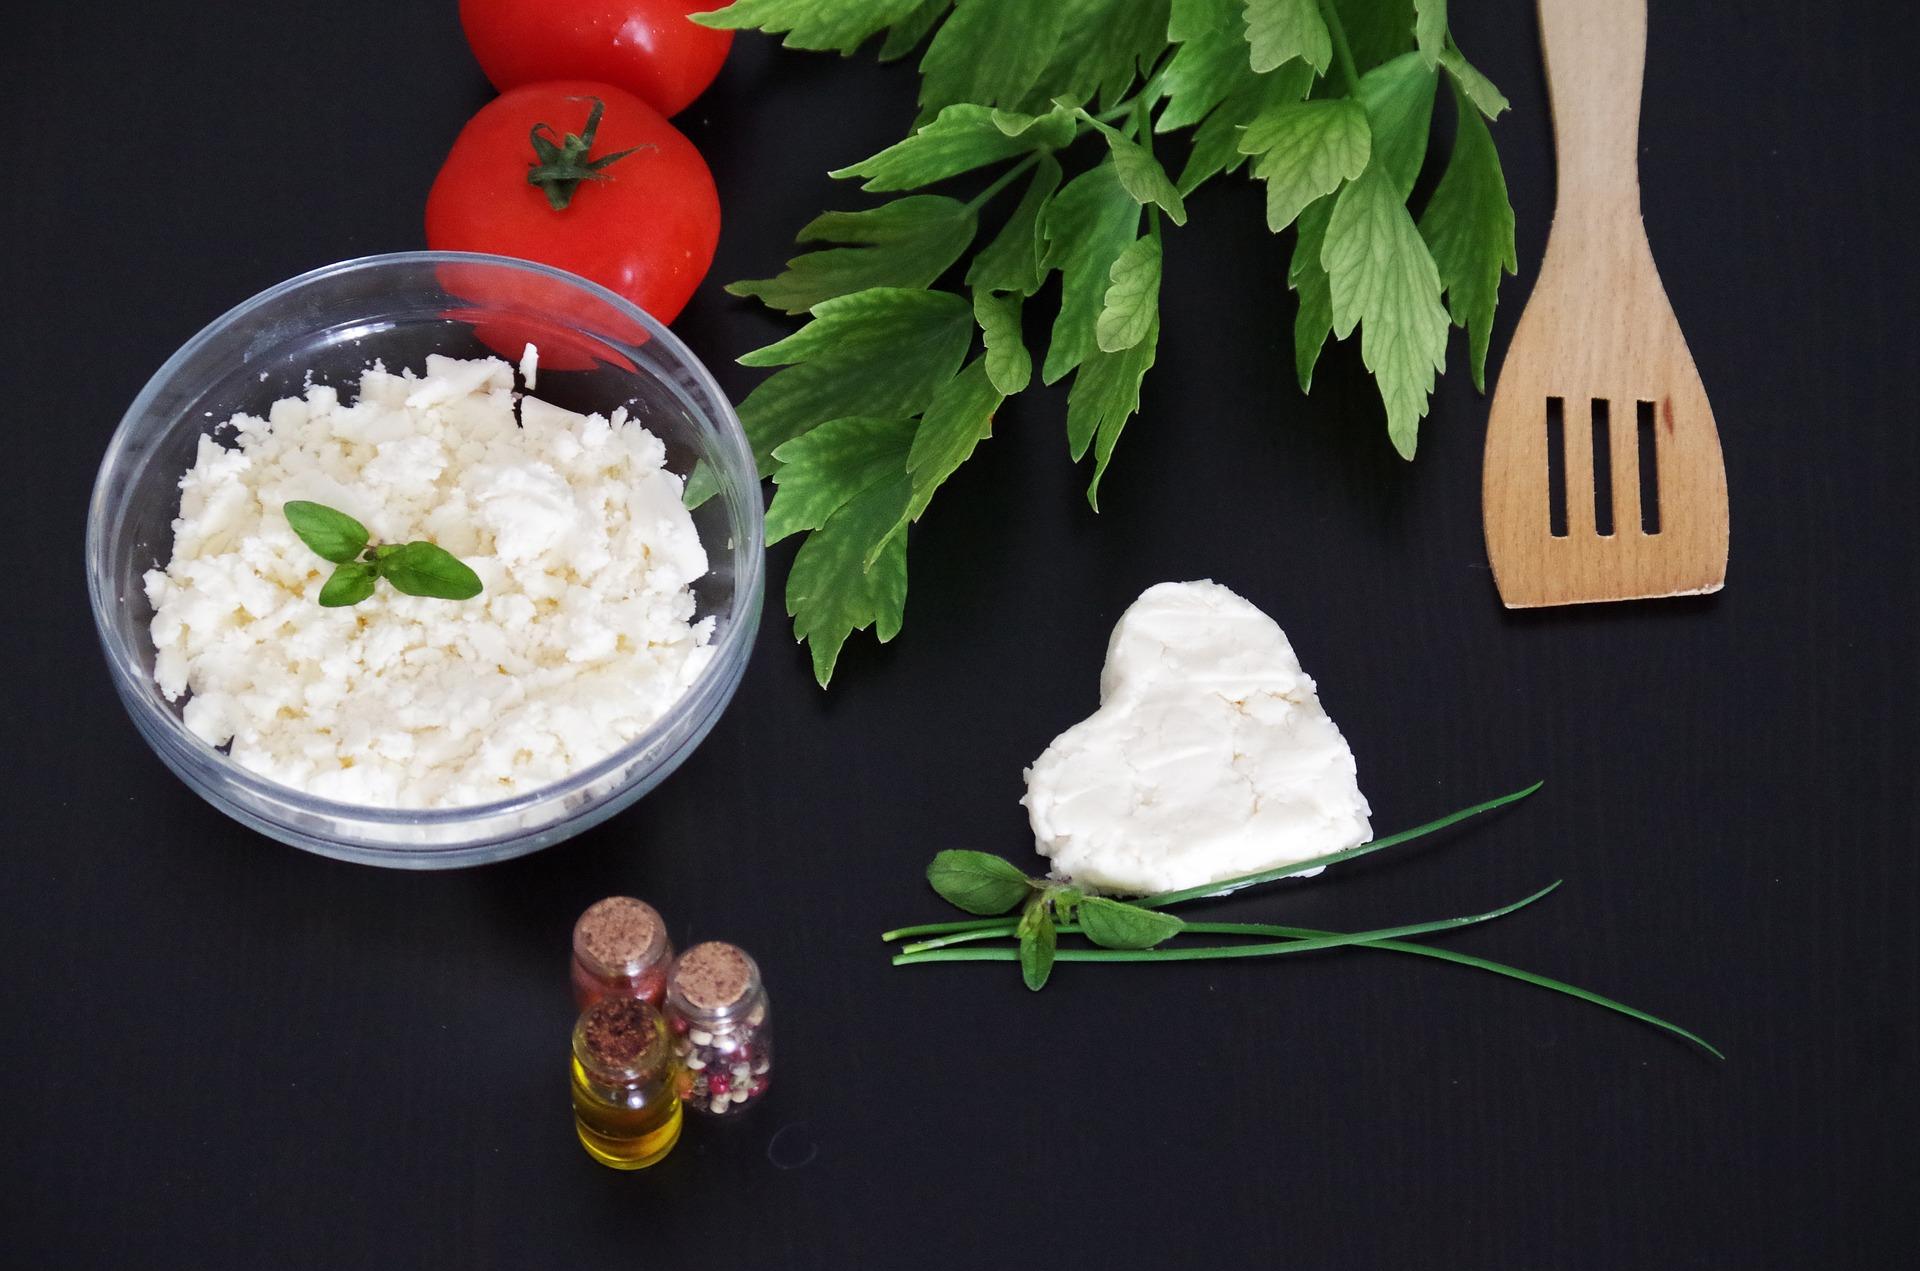 sagra-del-fior-di-latte-agreola-featured-image-laqua-spa-boutique